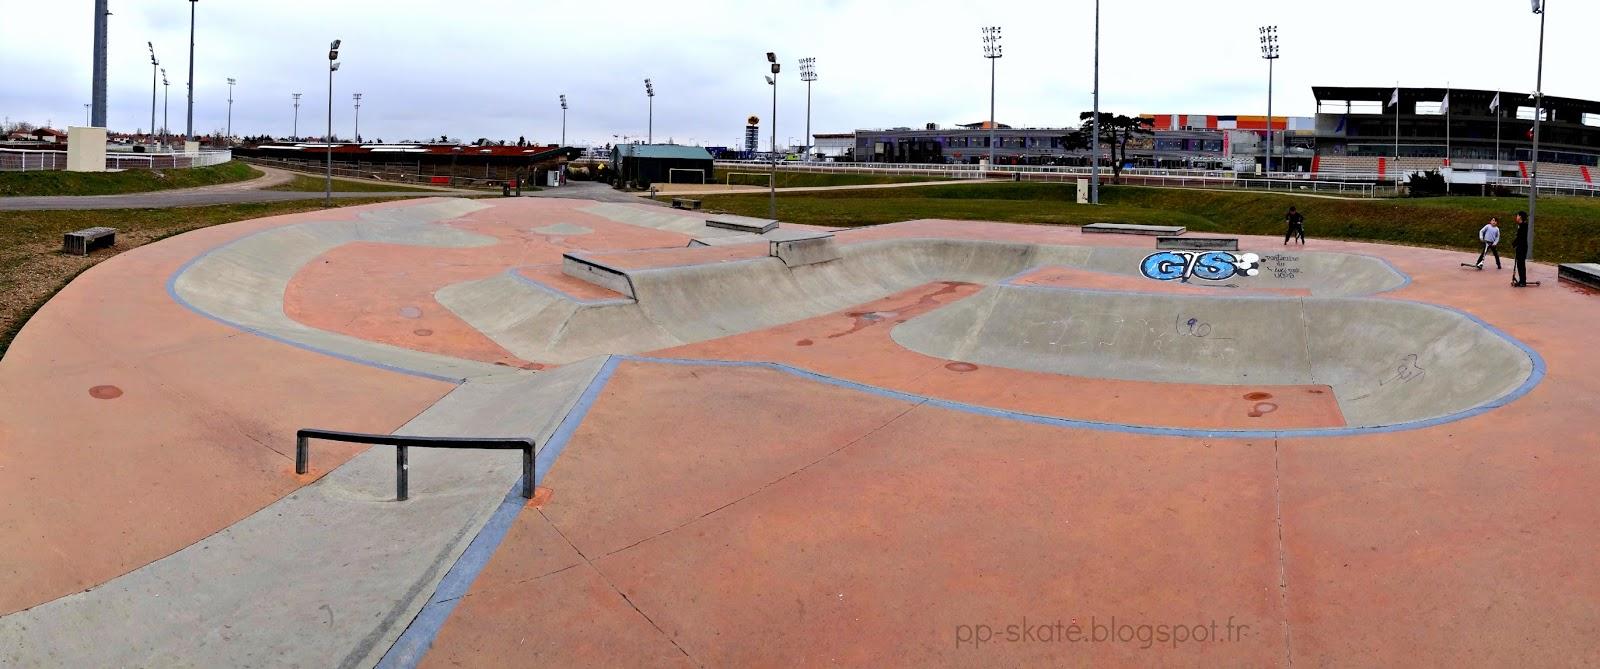 Skatepark Hyppodrome Carré de soie